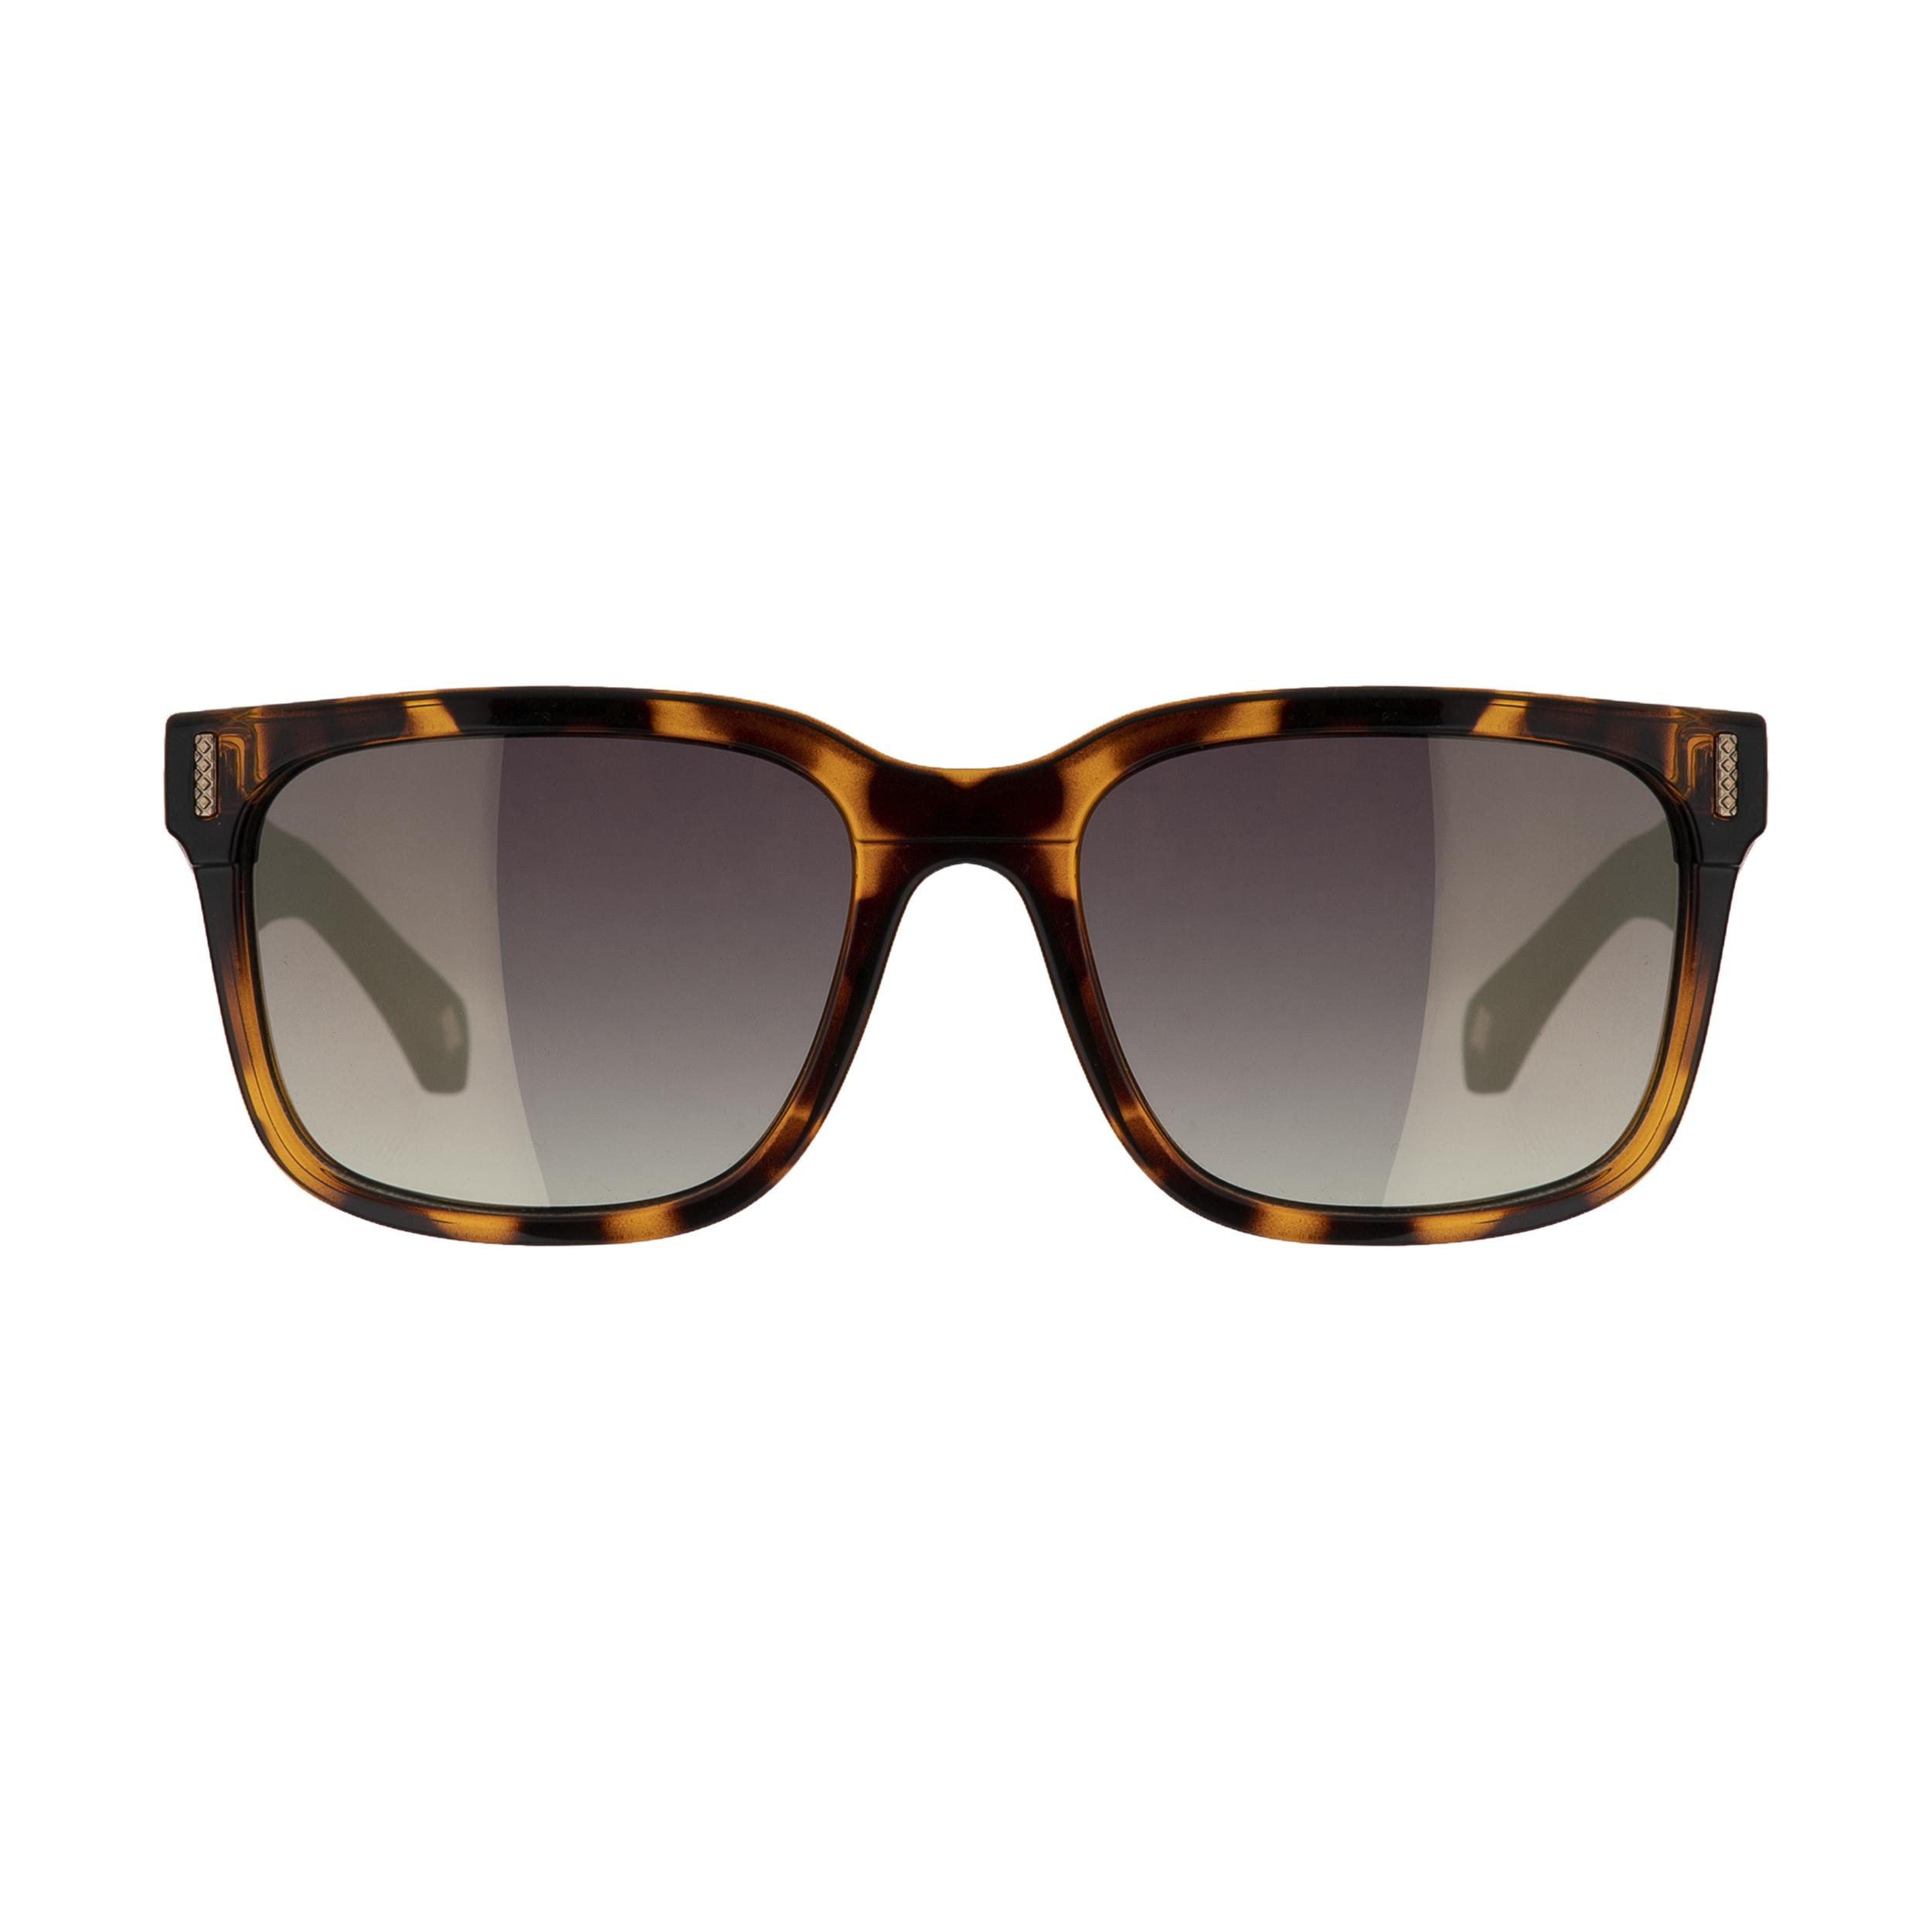 عینک آفتابی زنانه تد بیکر مدل TB 1492 173